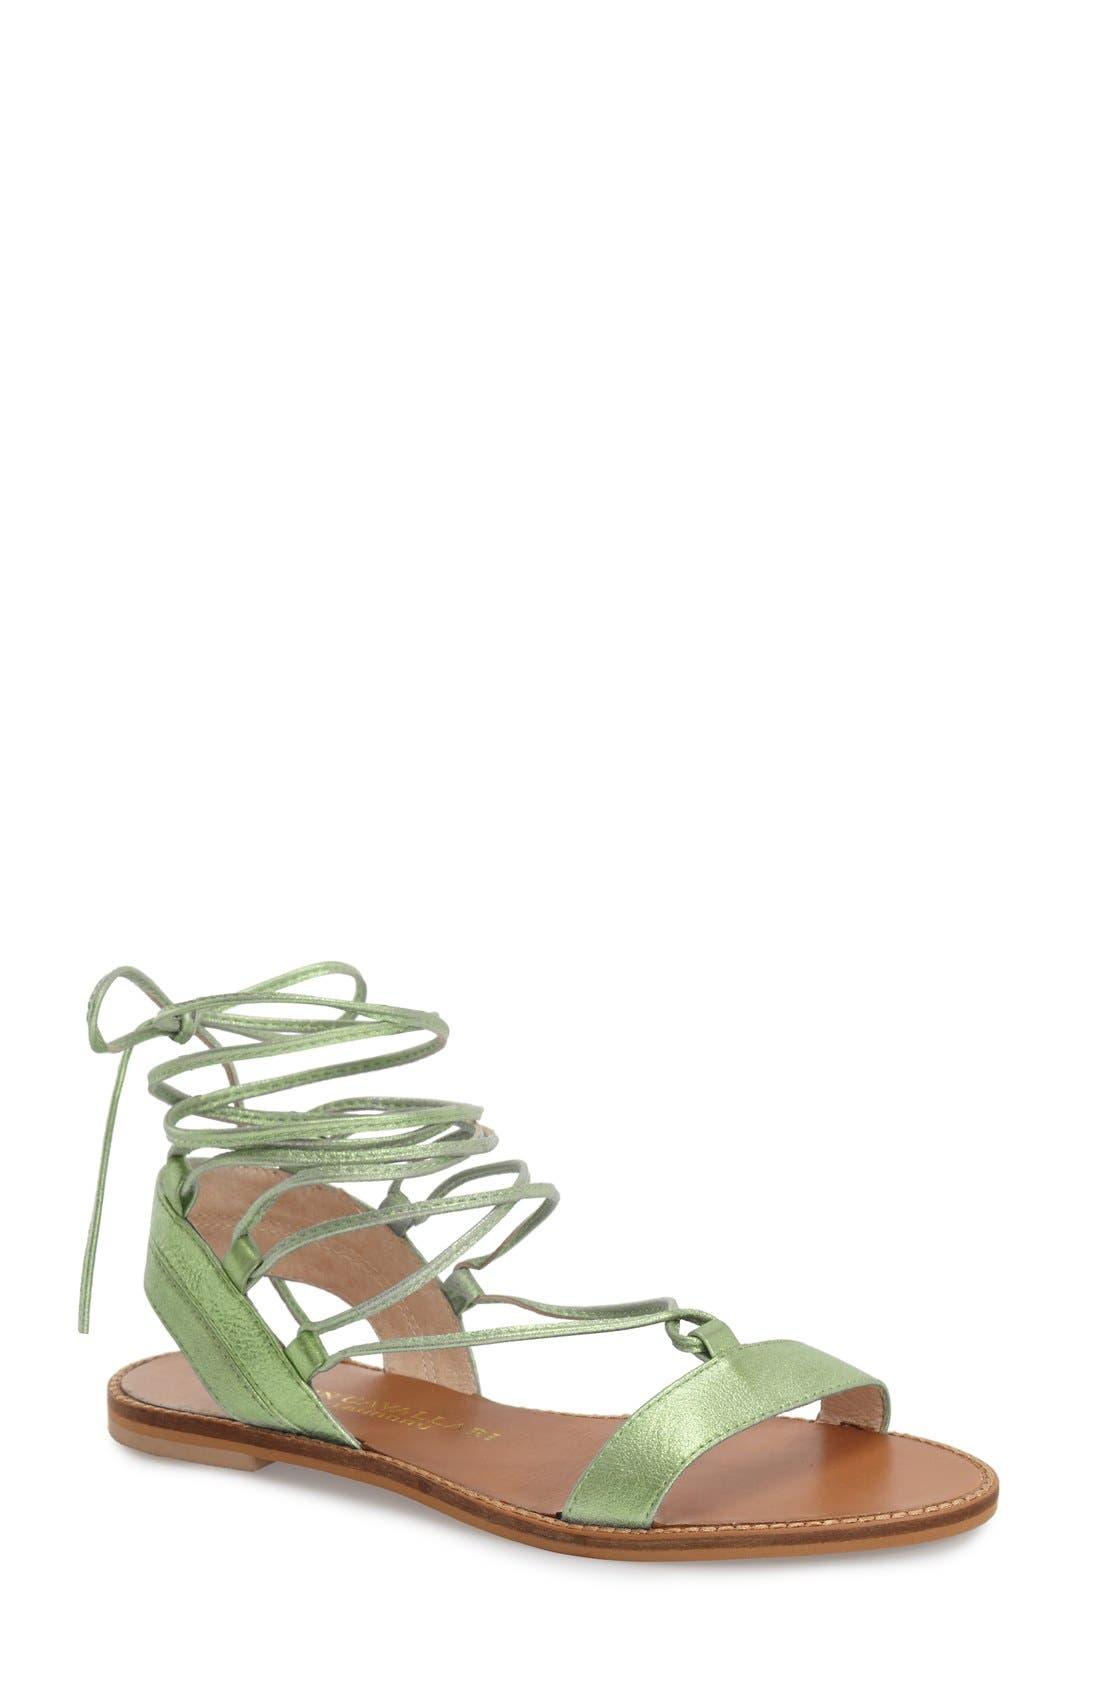 'Belle' Lace-Up Sandal,                             Main thumbnail 1, color,                             Mint Leather